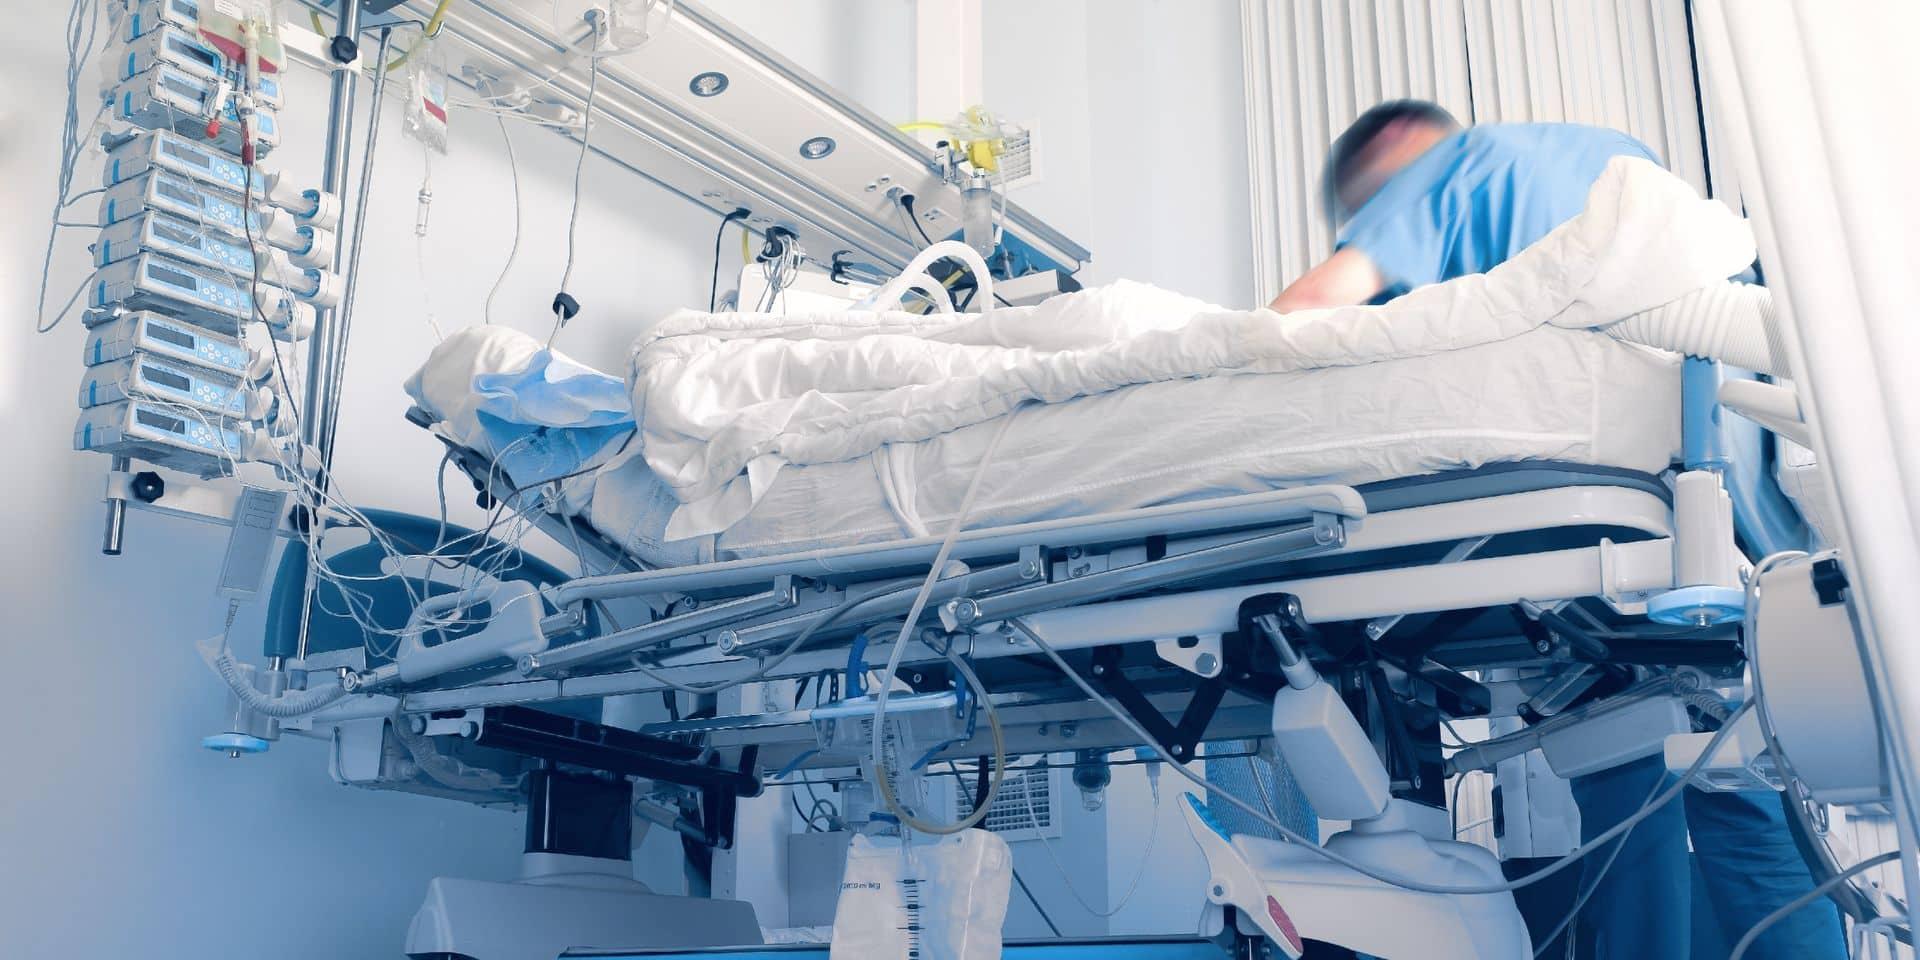 759 lits supplémentaires en soins intensifs via l'activation des plans d'urgence, annonce Maggie de Block